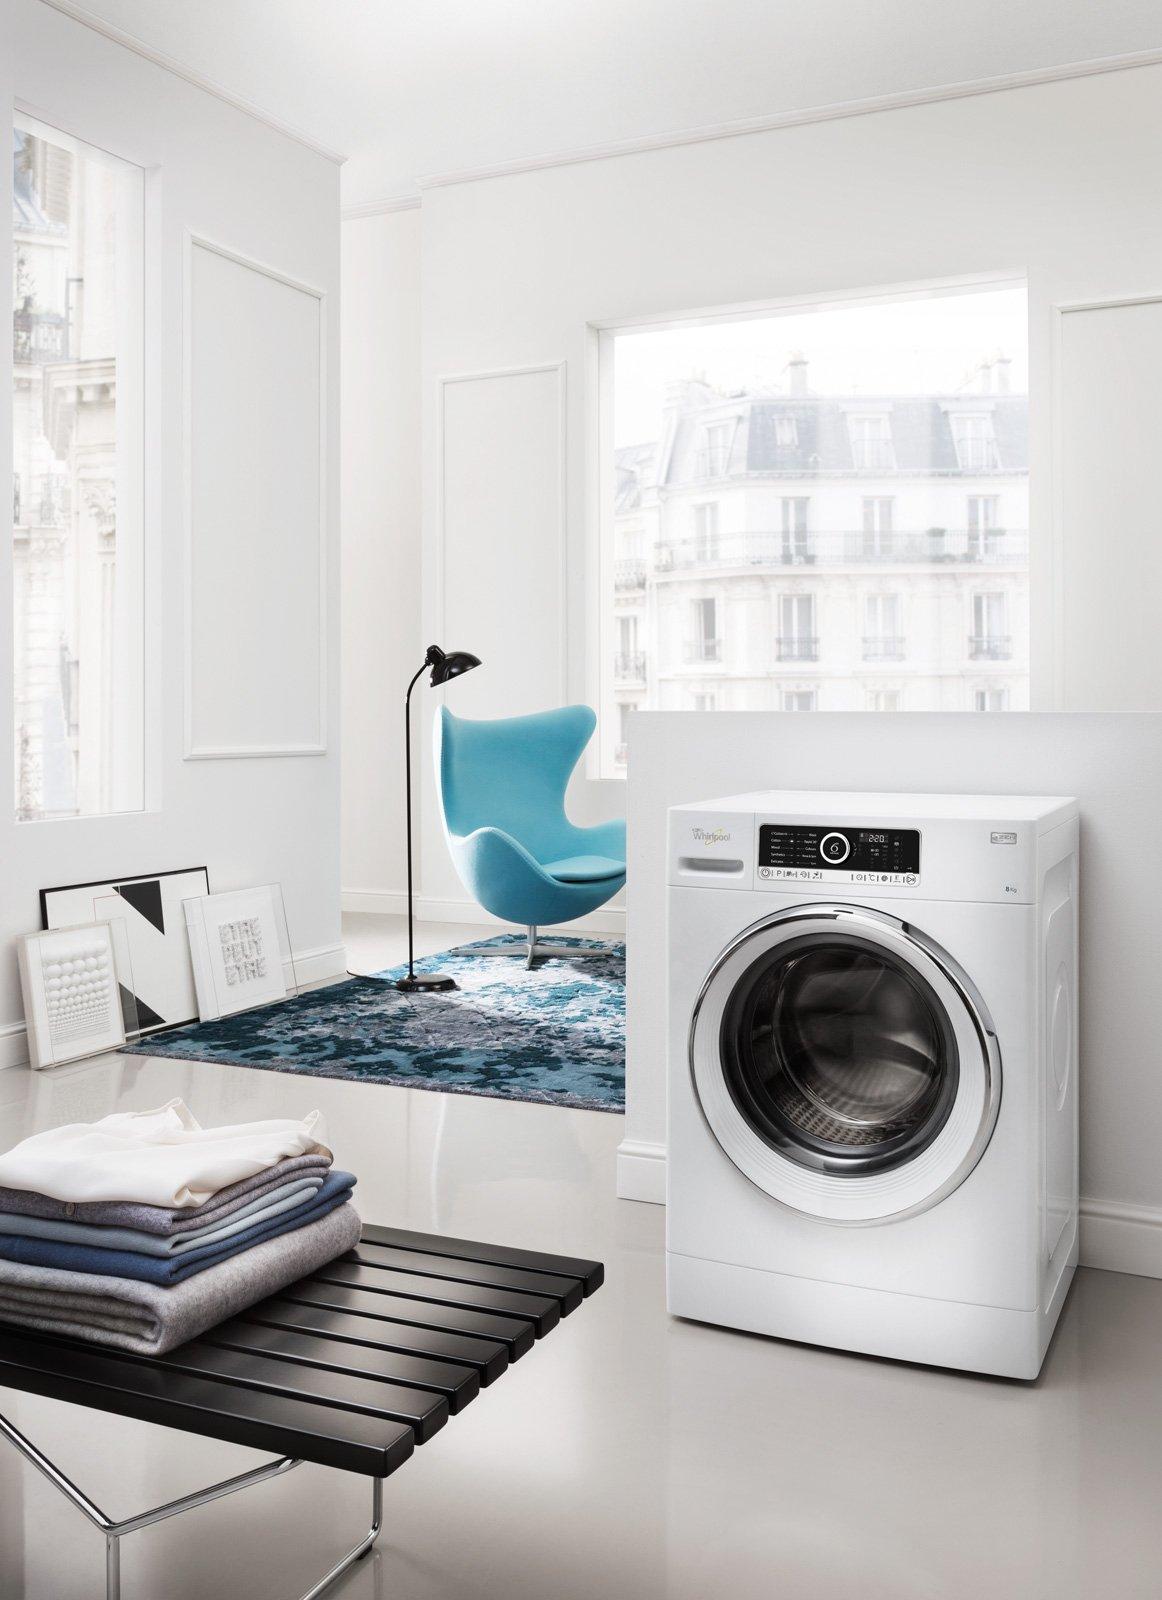 Lavatrici da controllare anche a distanza cose di casa for Programma per progettare stanze